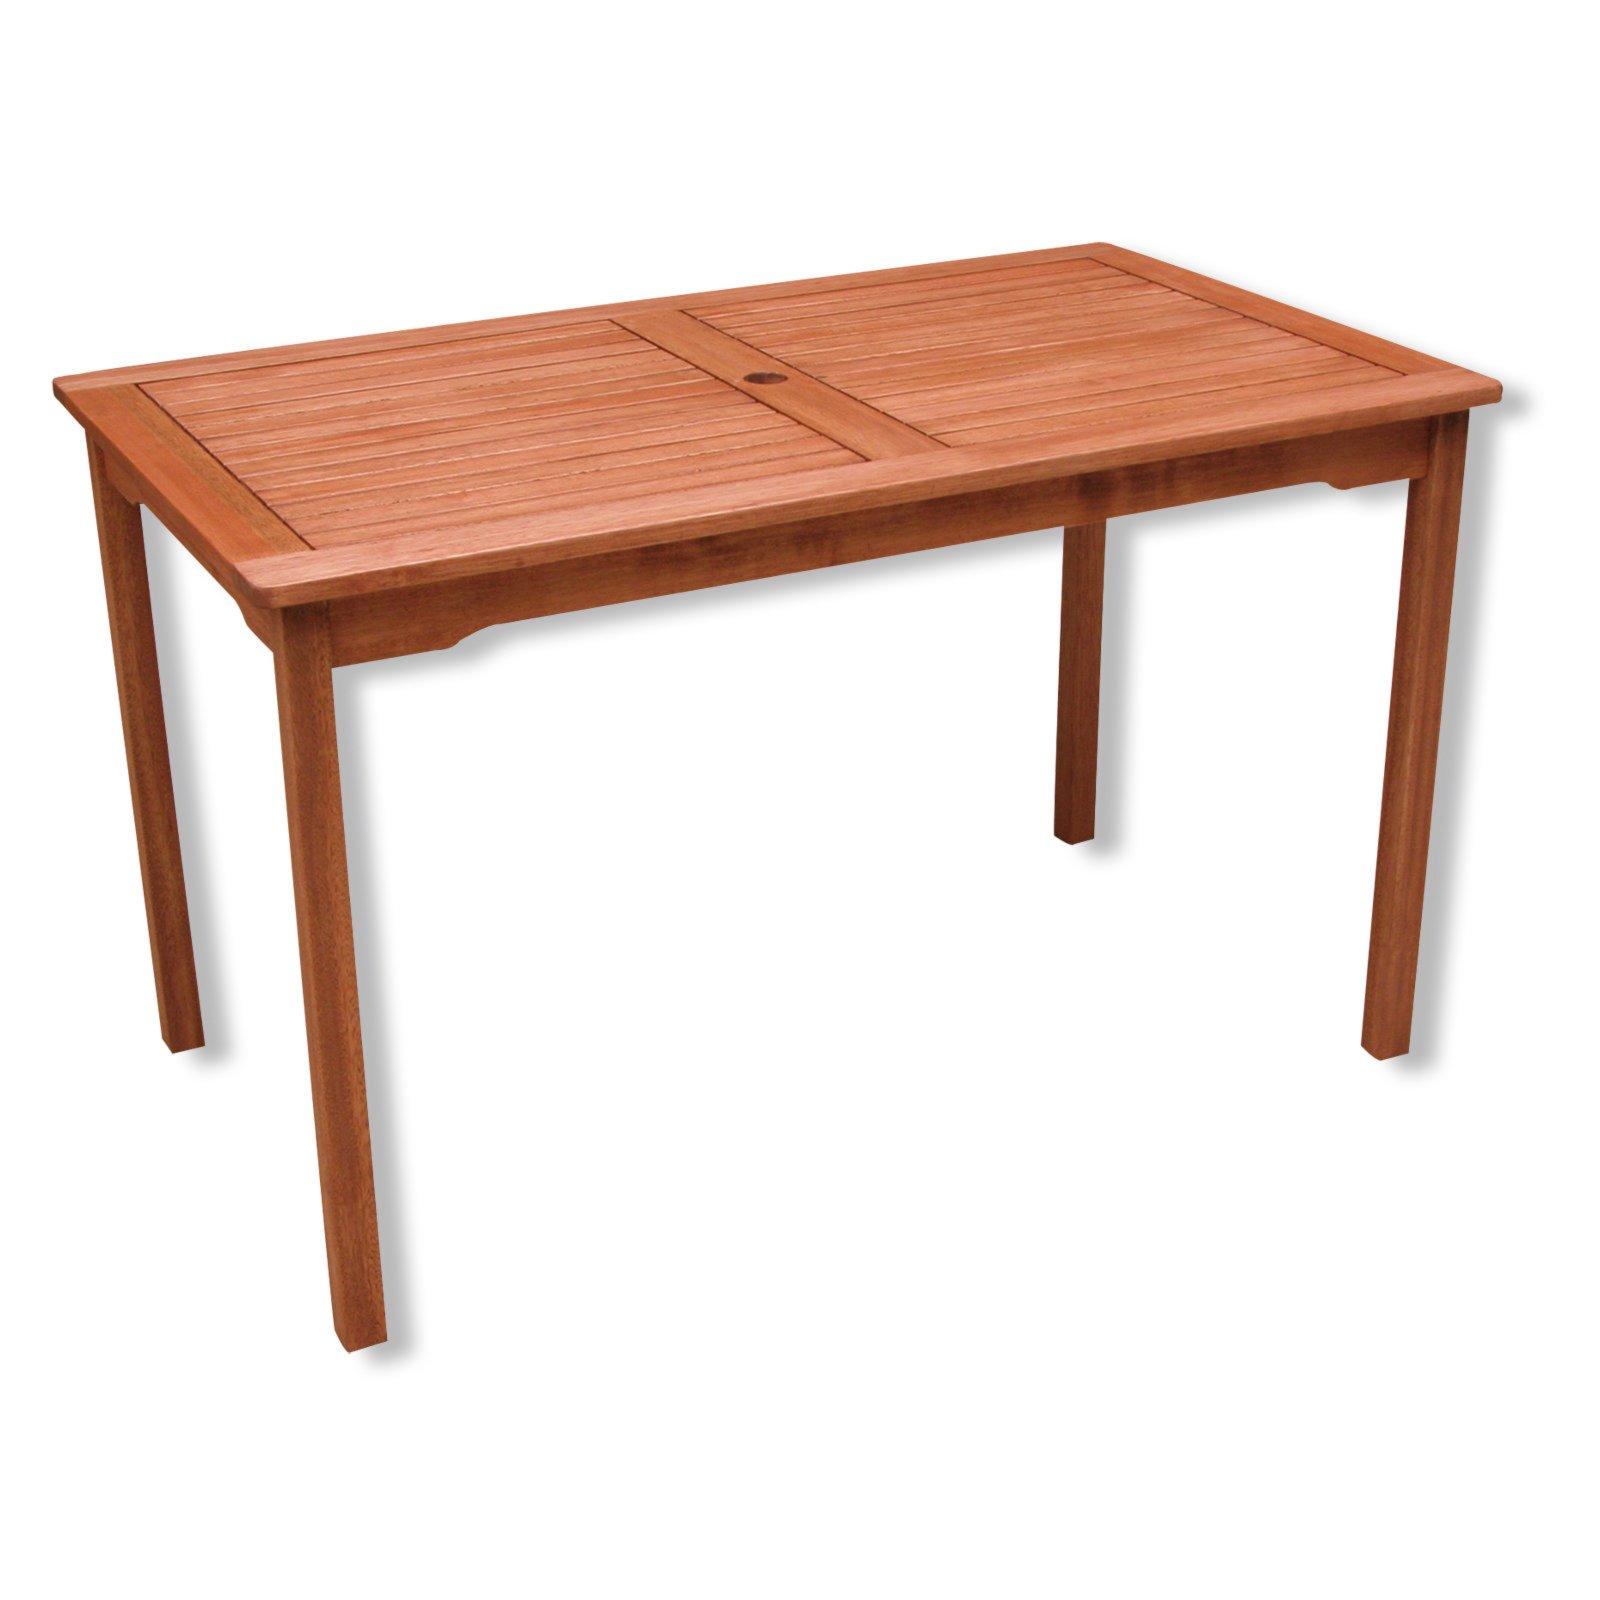 gardiola gartentisch mission eukalyptus massiv 120x72 cm gartentische gartenm bel. Black Bedroom Furniture Sets. Home Design Ideas